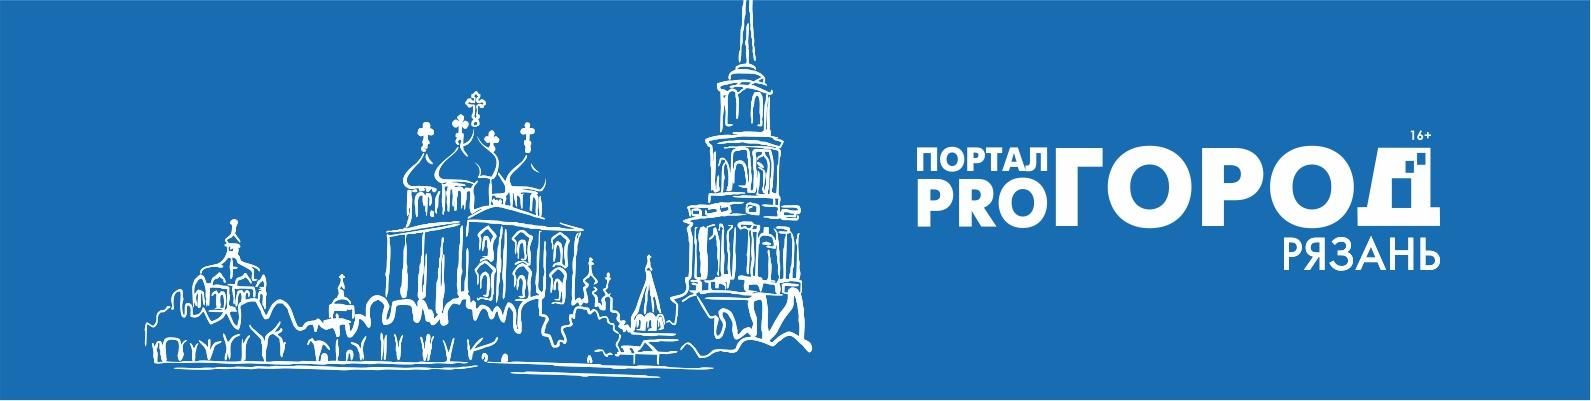 Издание Pro Город Рязань